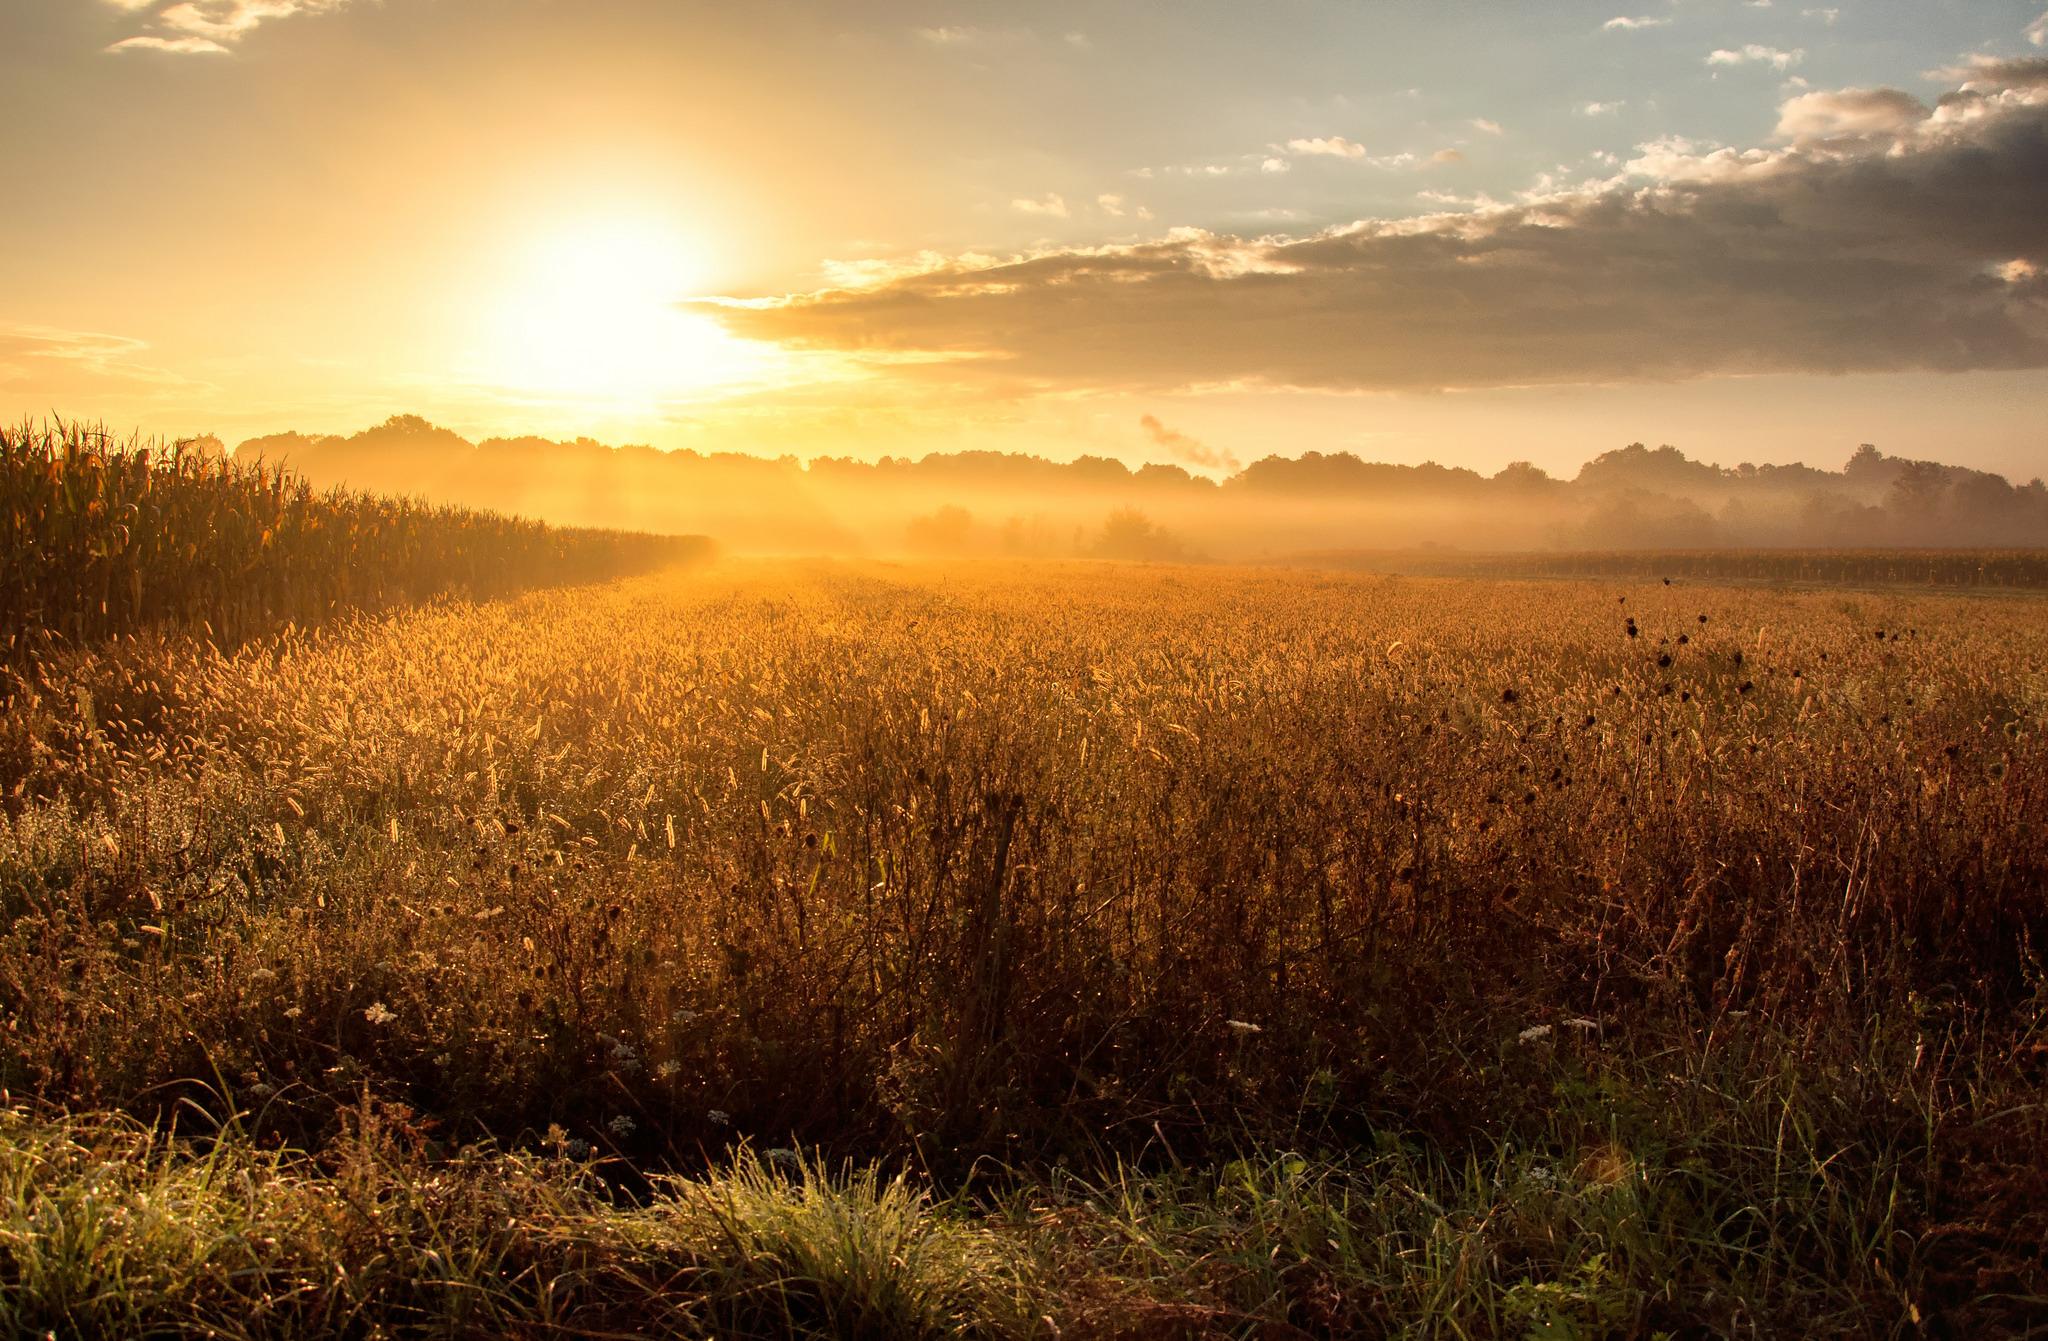 Рассвет утренний туман  № 3795925 бесплатно